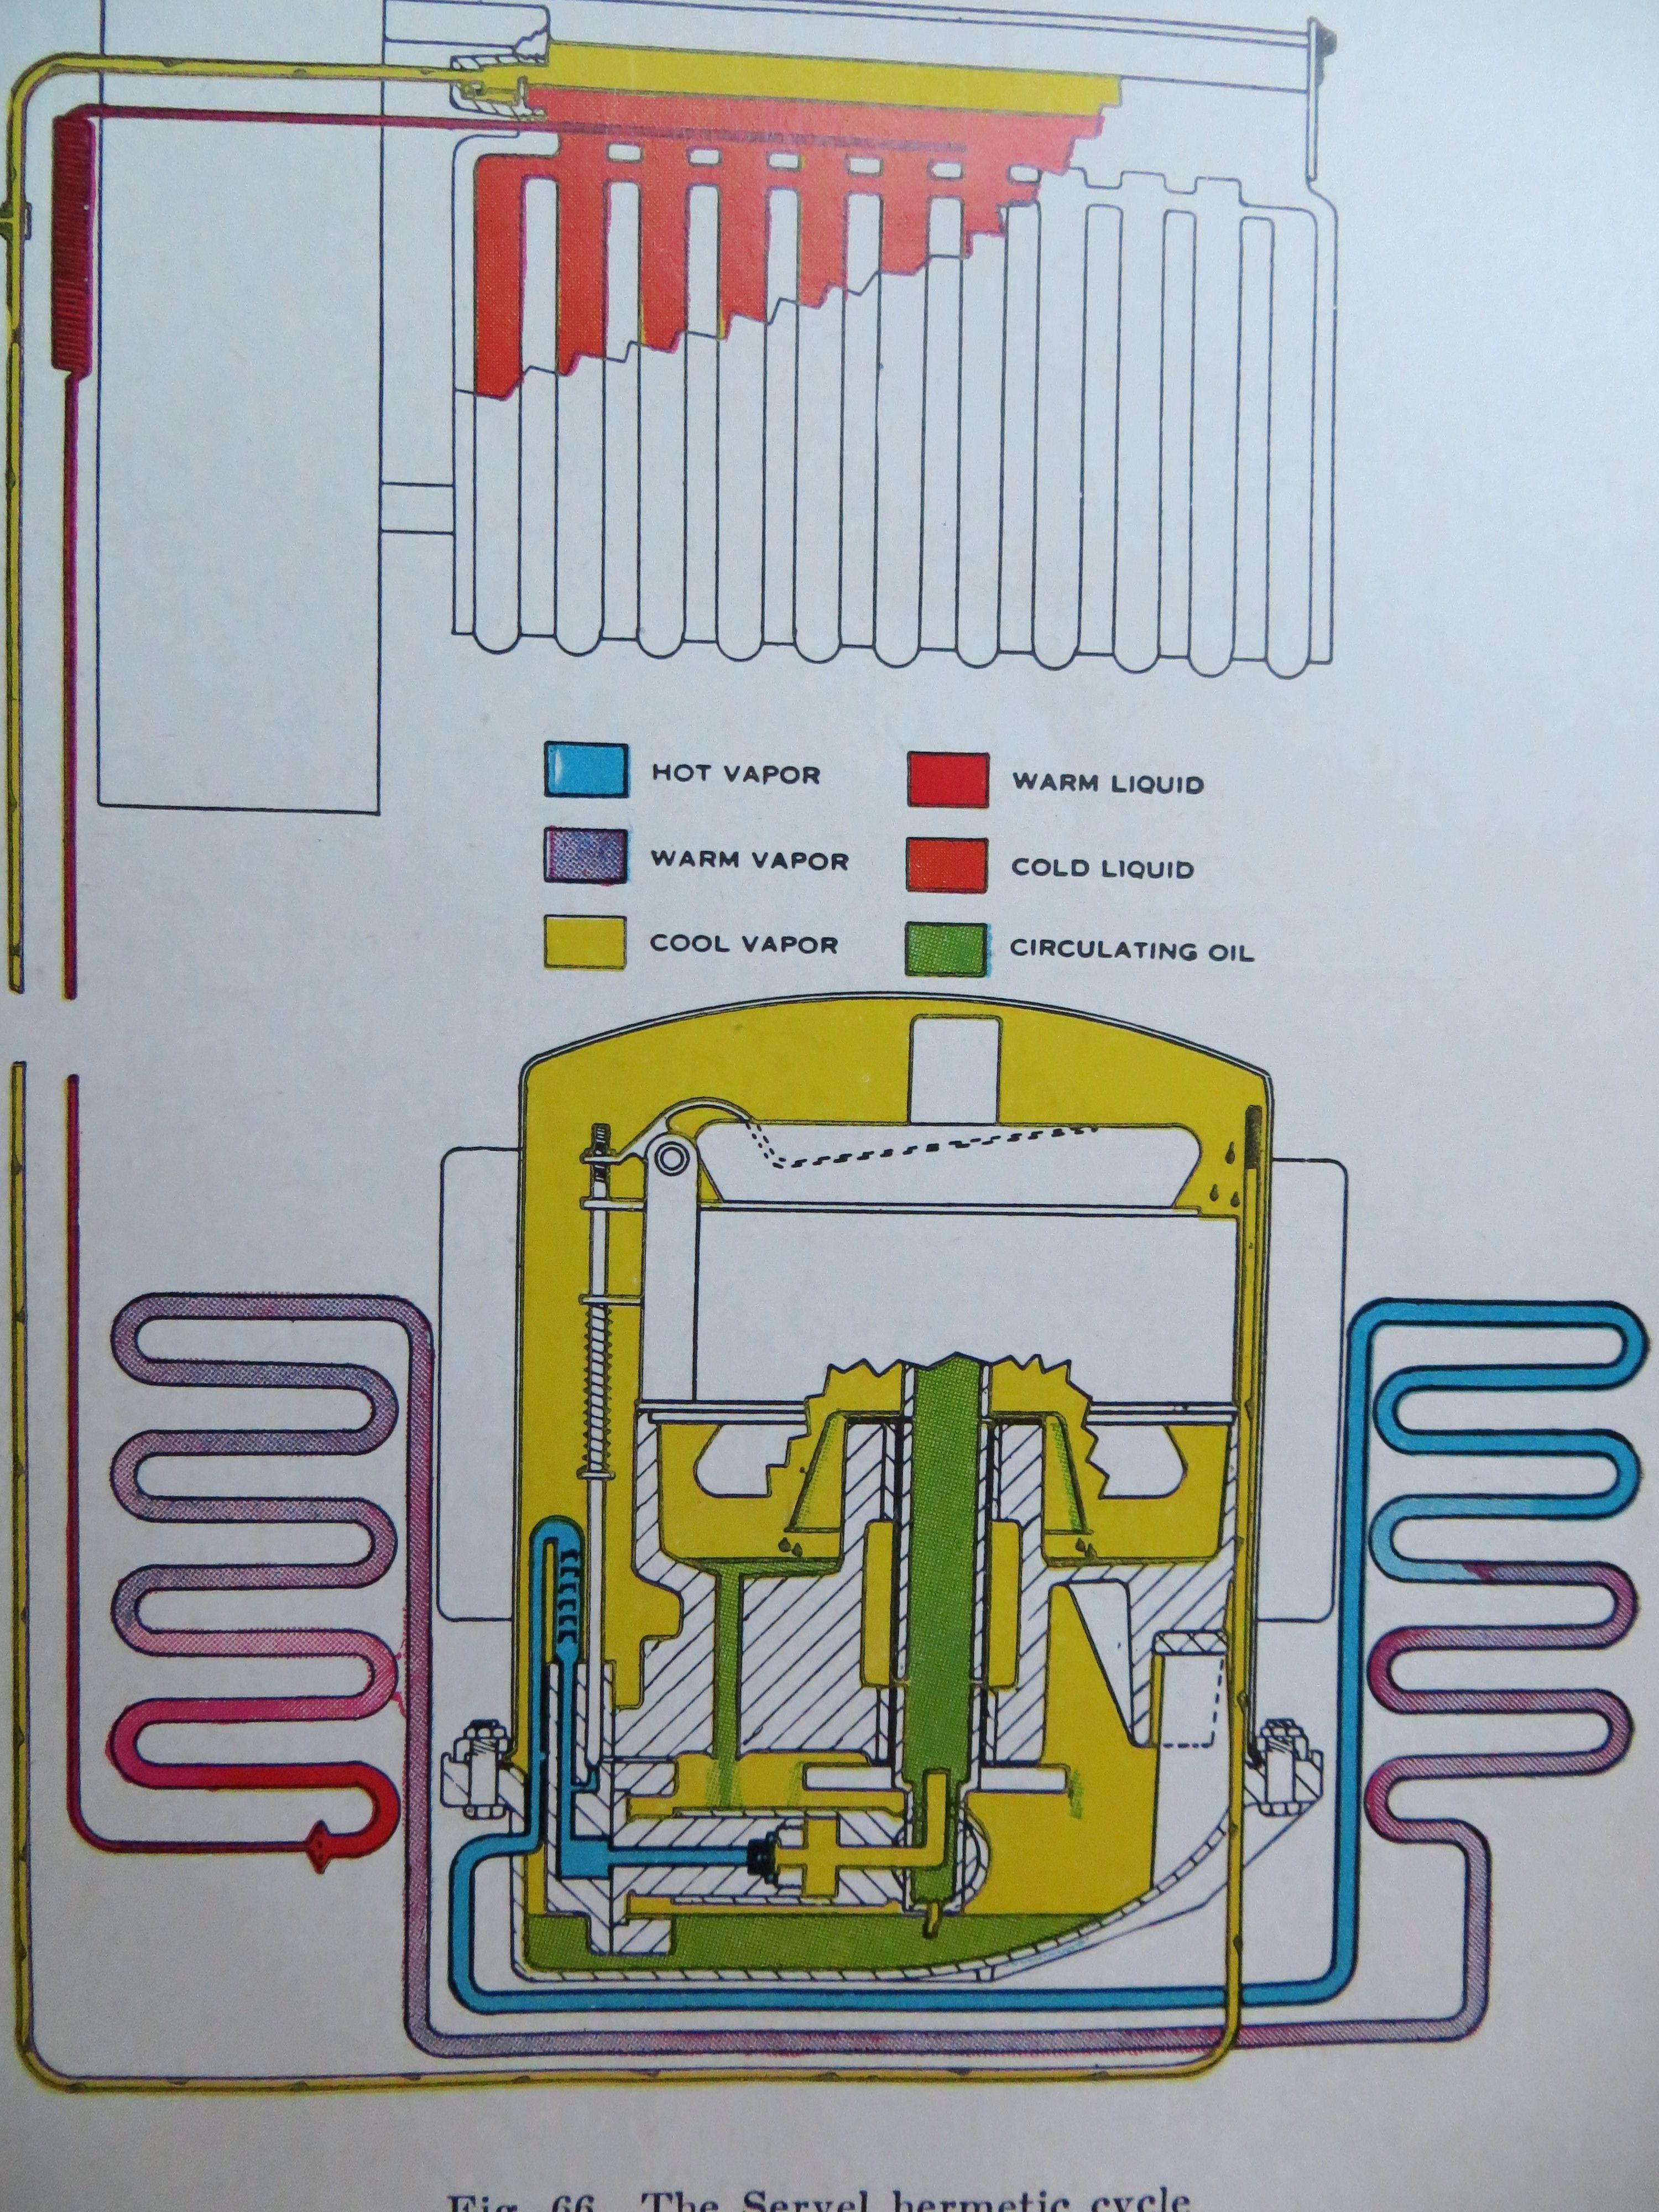 scematic from 1930's refrigerator repair manual